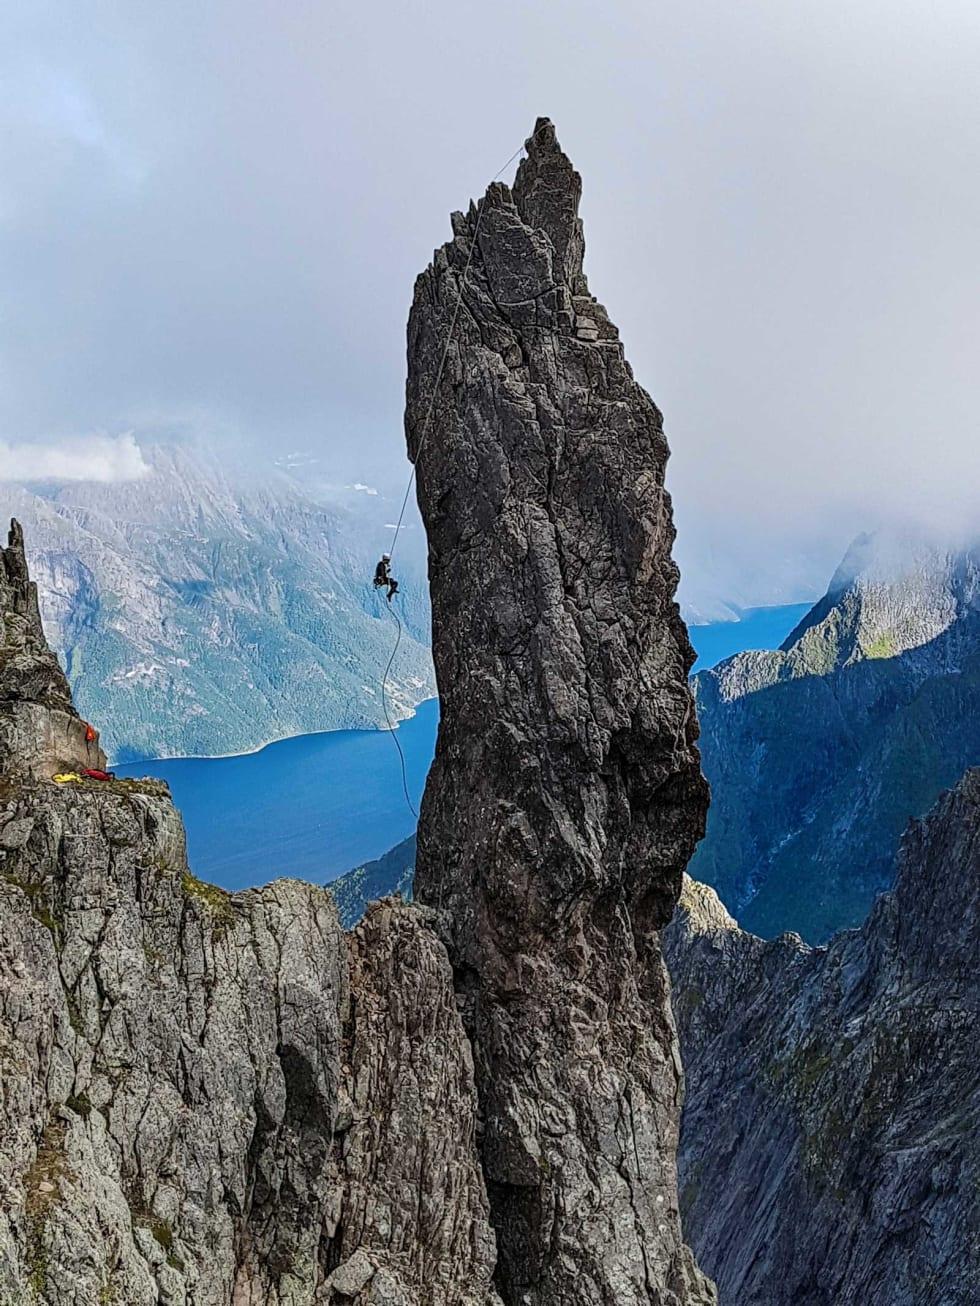 Retur: Øystein Dahl på vei ned frå Giganten. Foto: Stig Petter Driveklepp